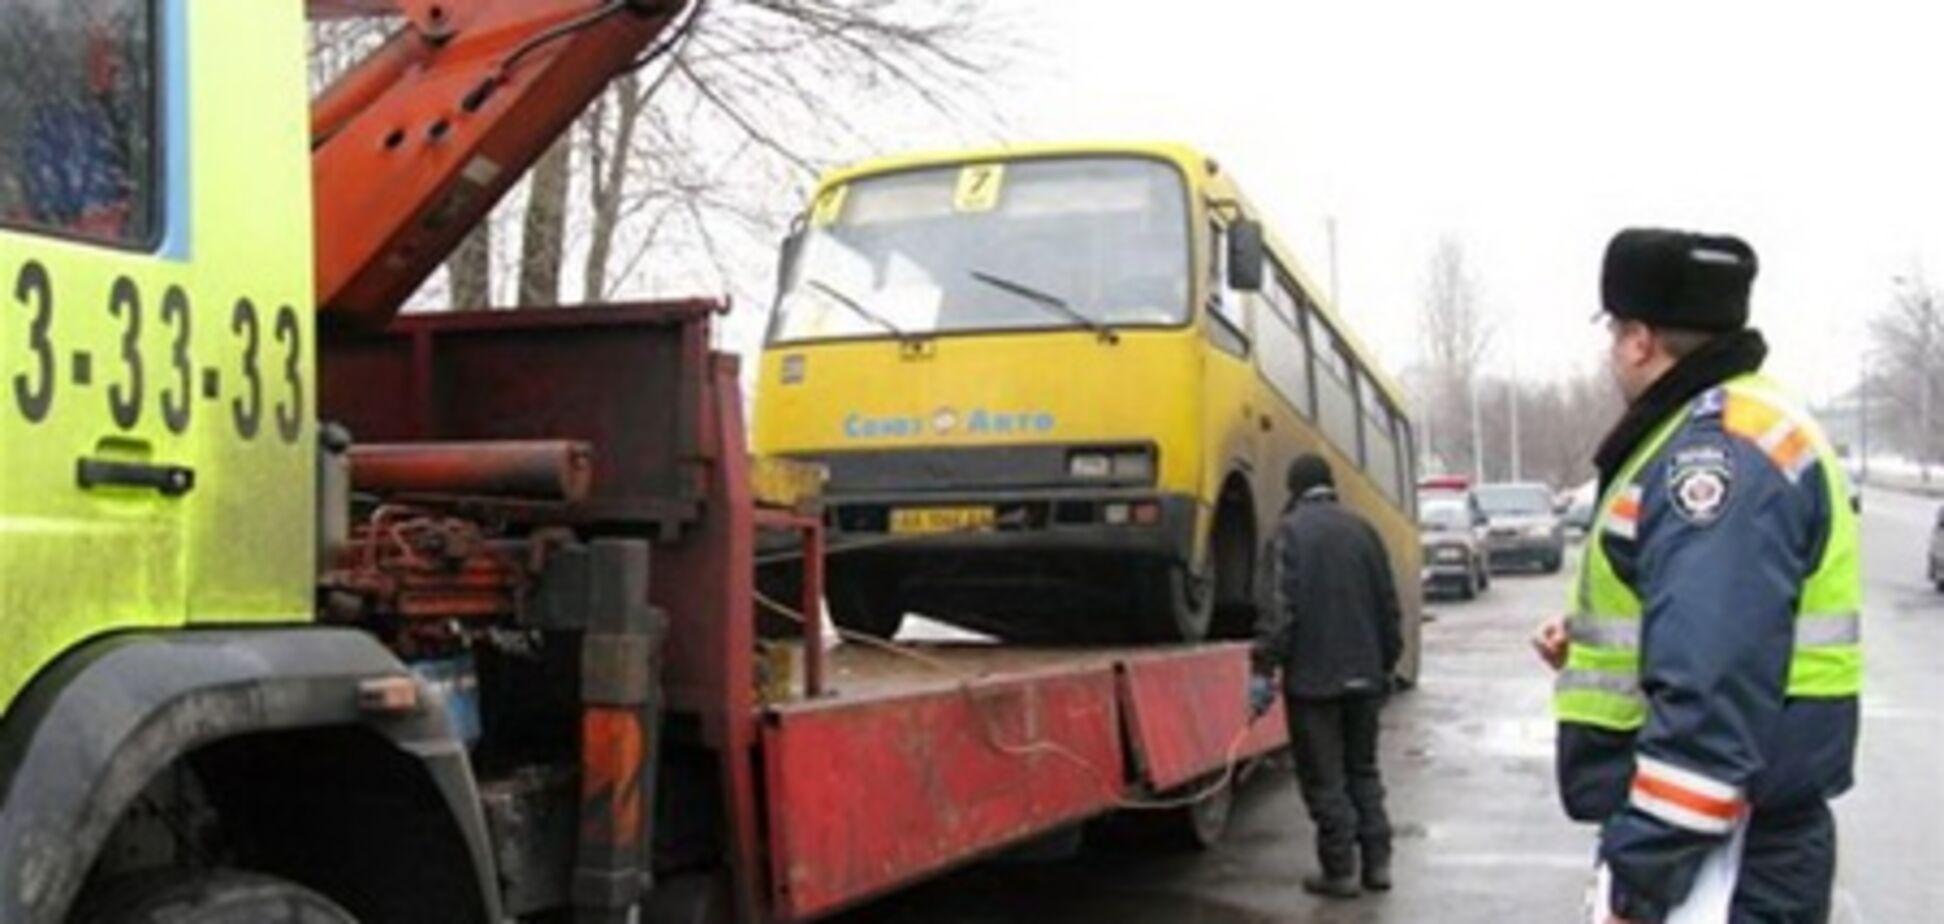 Гаишники учуяли в киевской маршрутке запах конопли